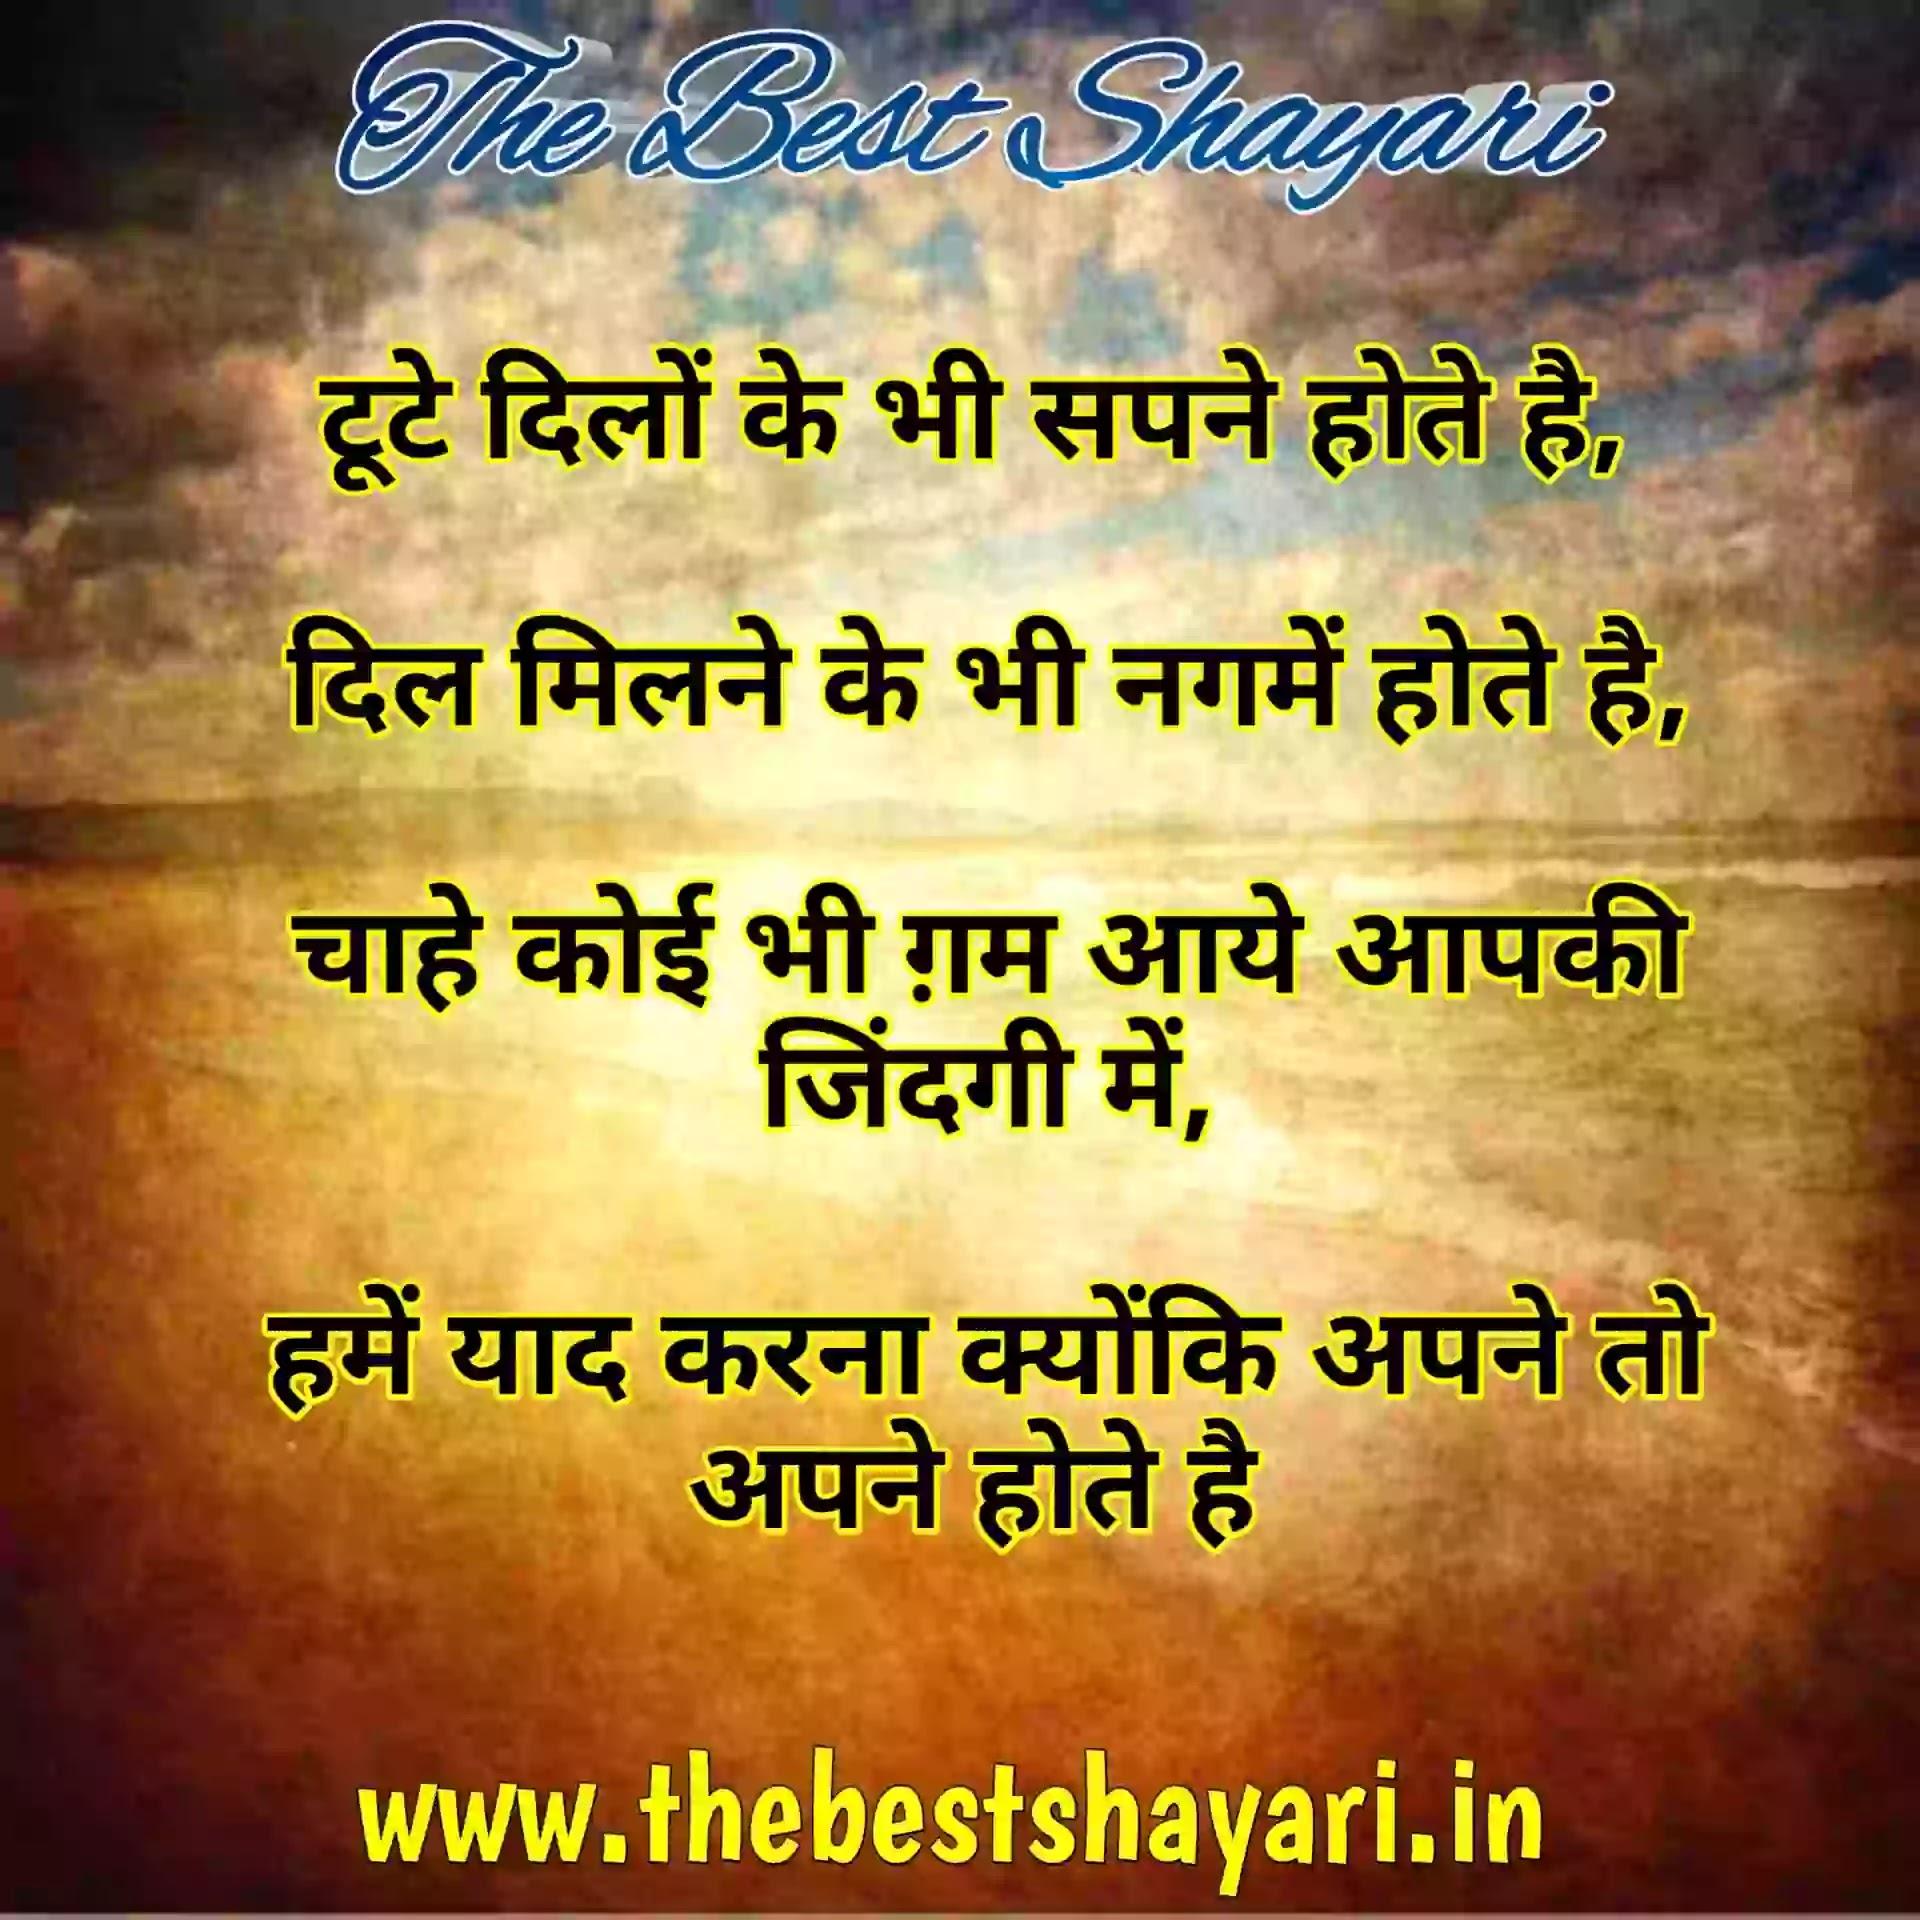 Yaad shayari in hindi 140